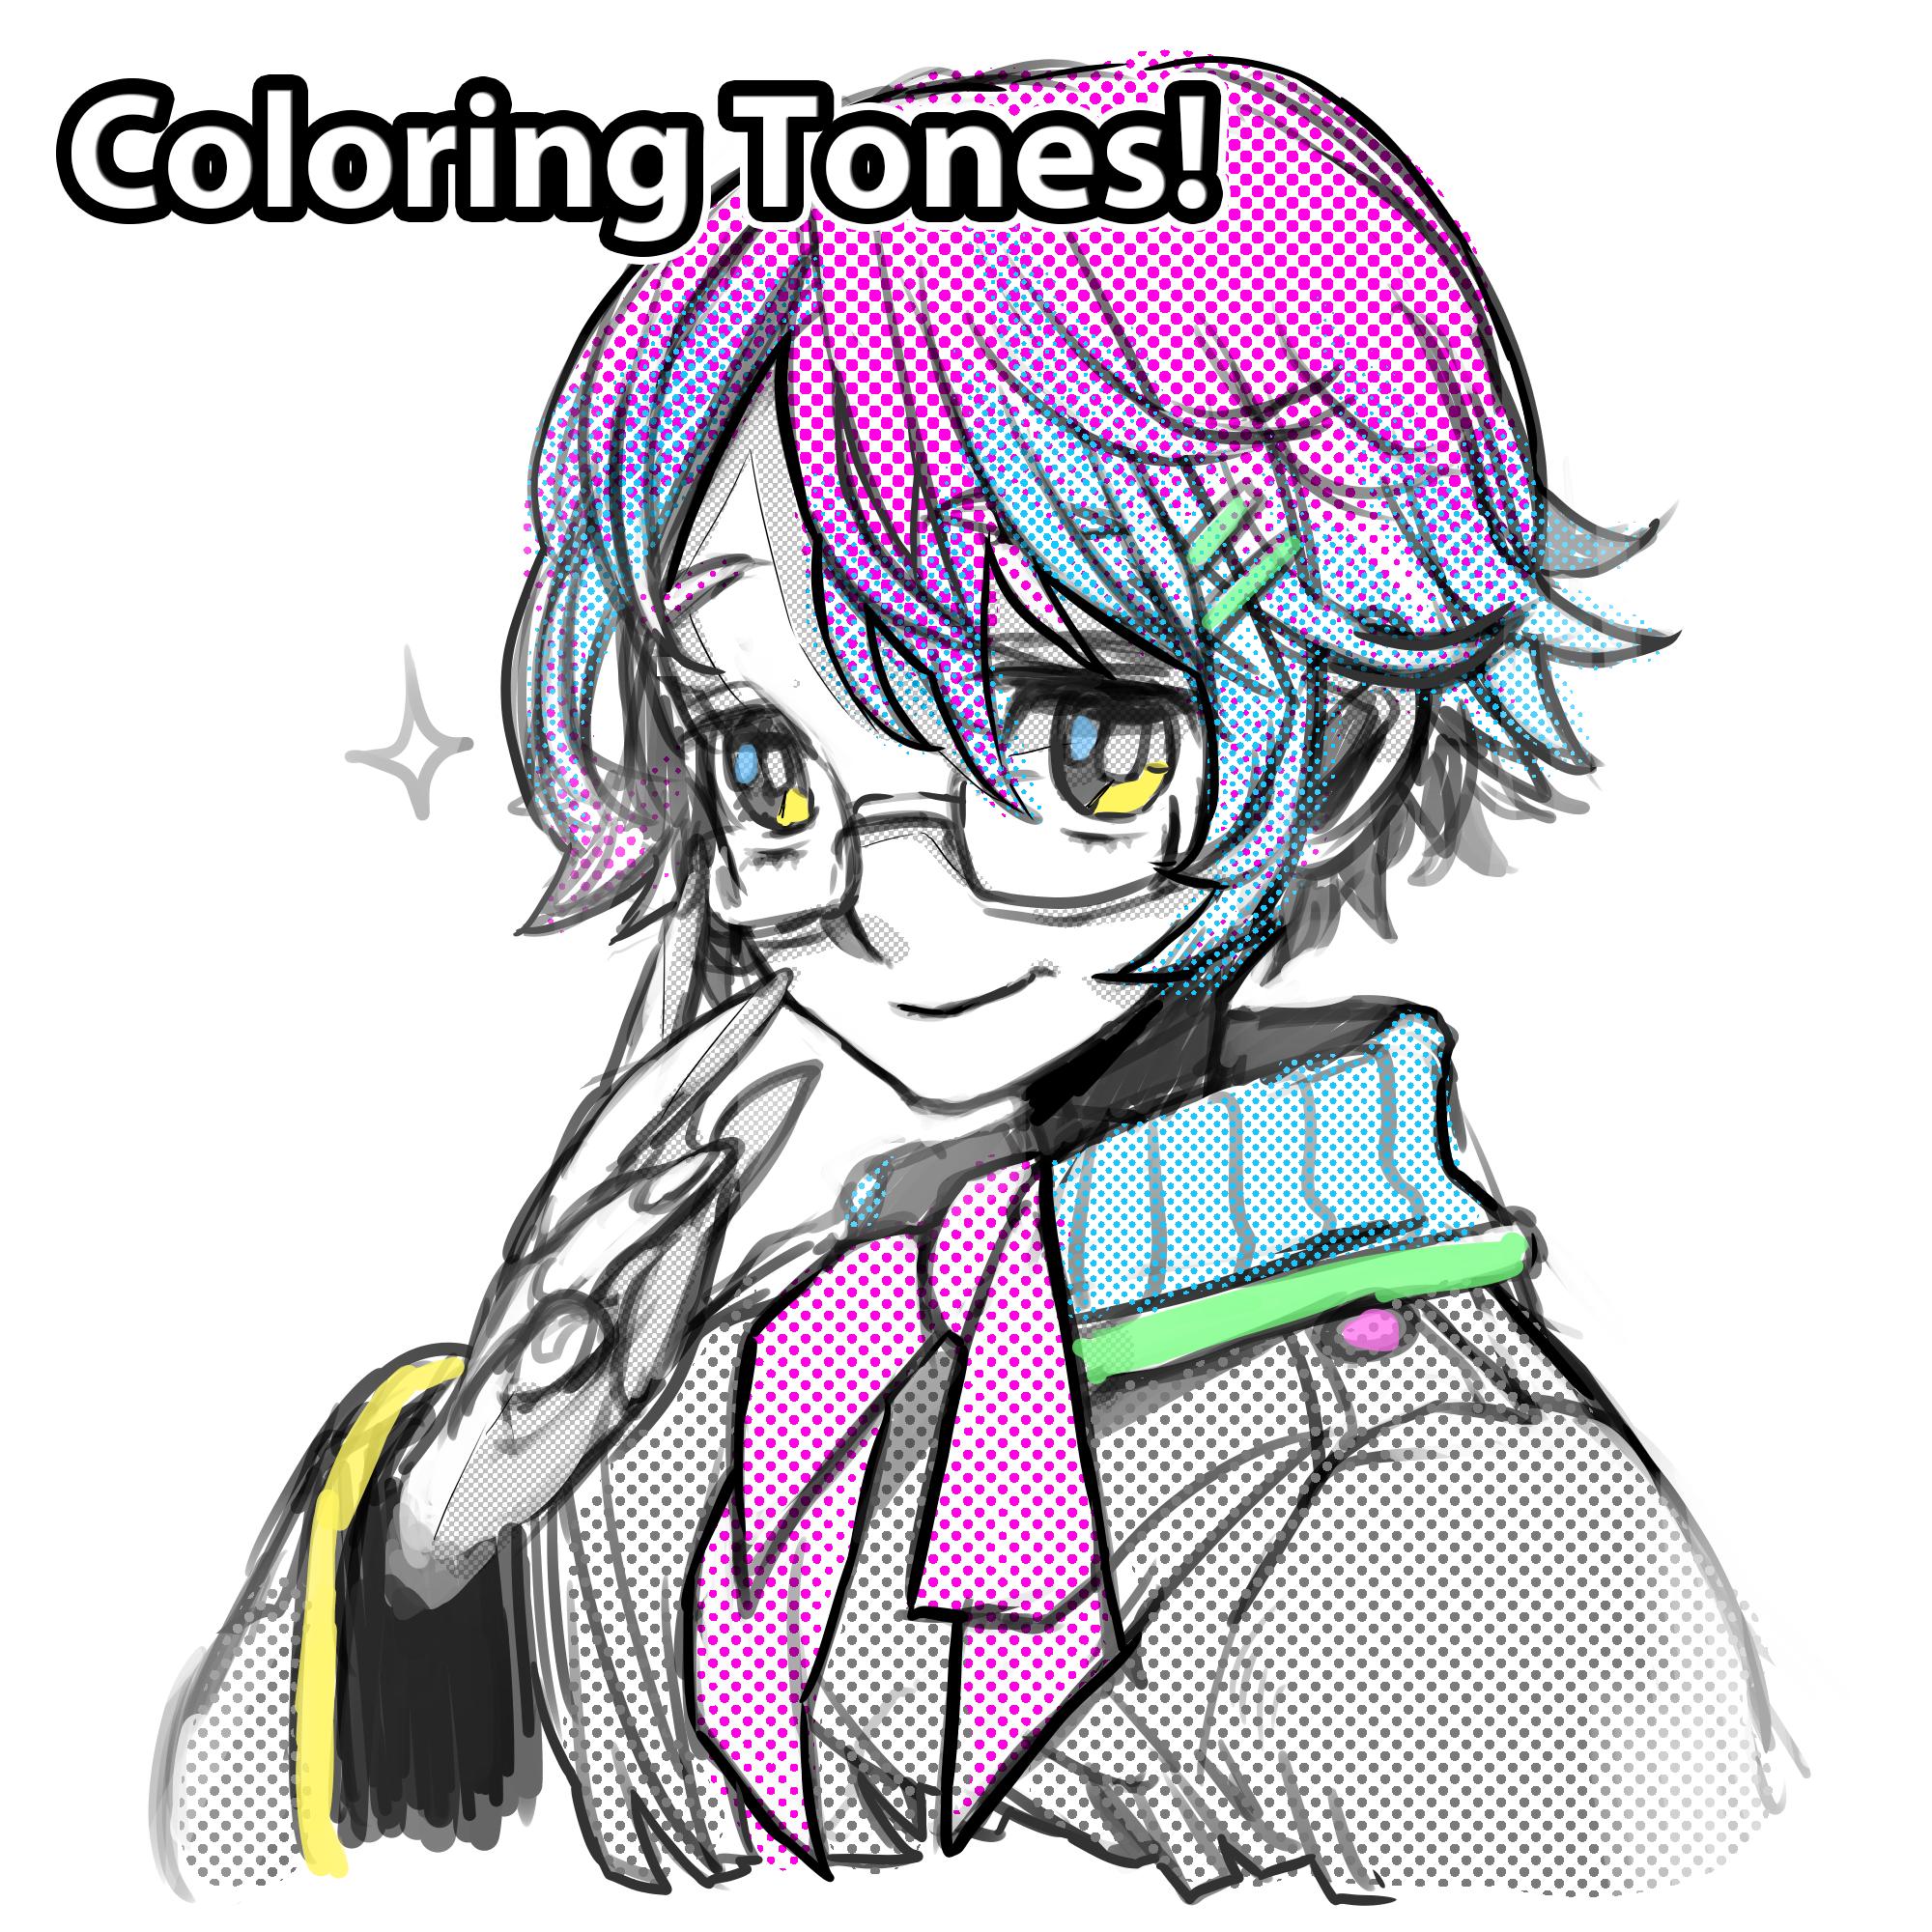 Coloring Tones in MediBang Paint | MediBang Paint